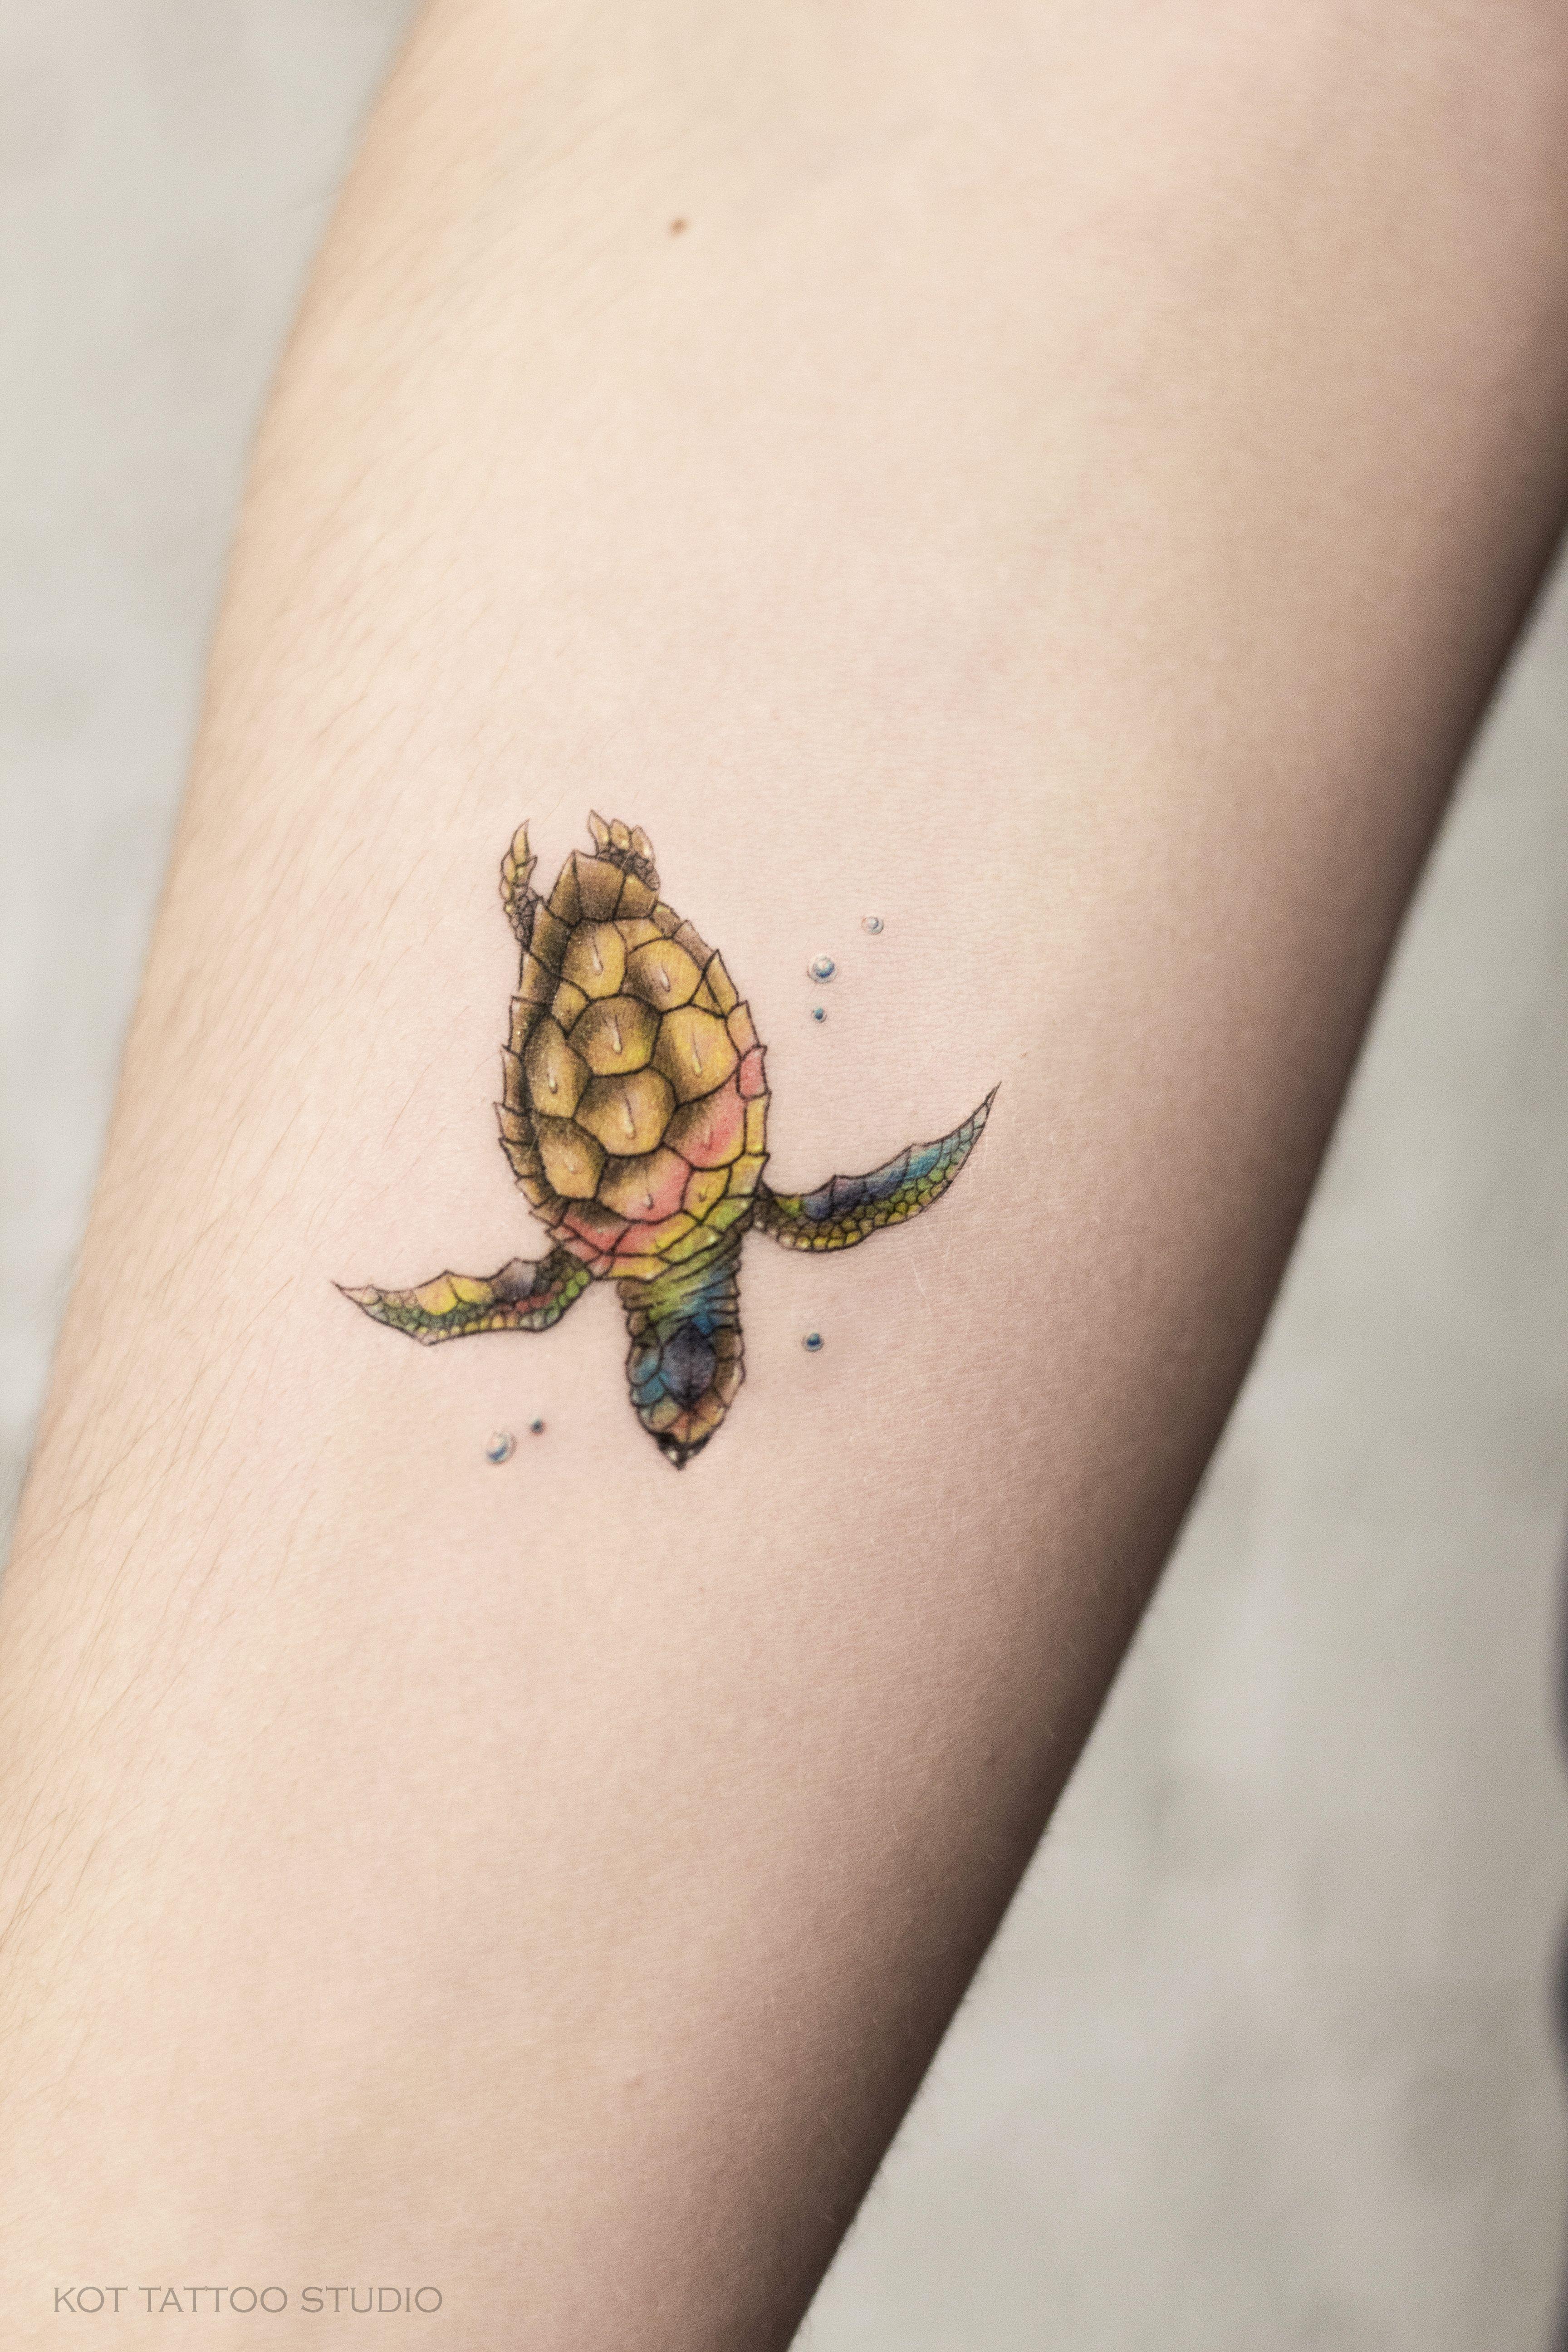 мы любим делать маленькие тату а маленькие тату на руке особенно